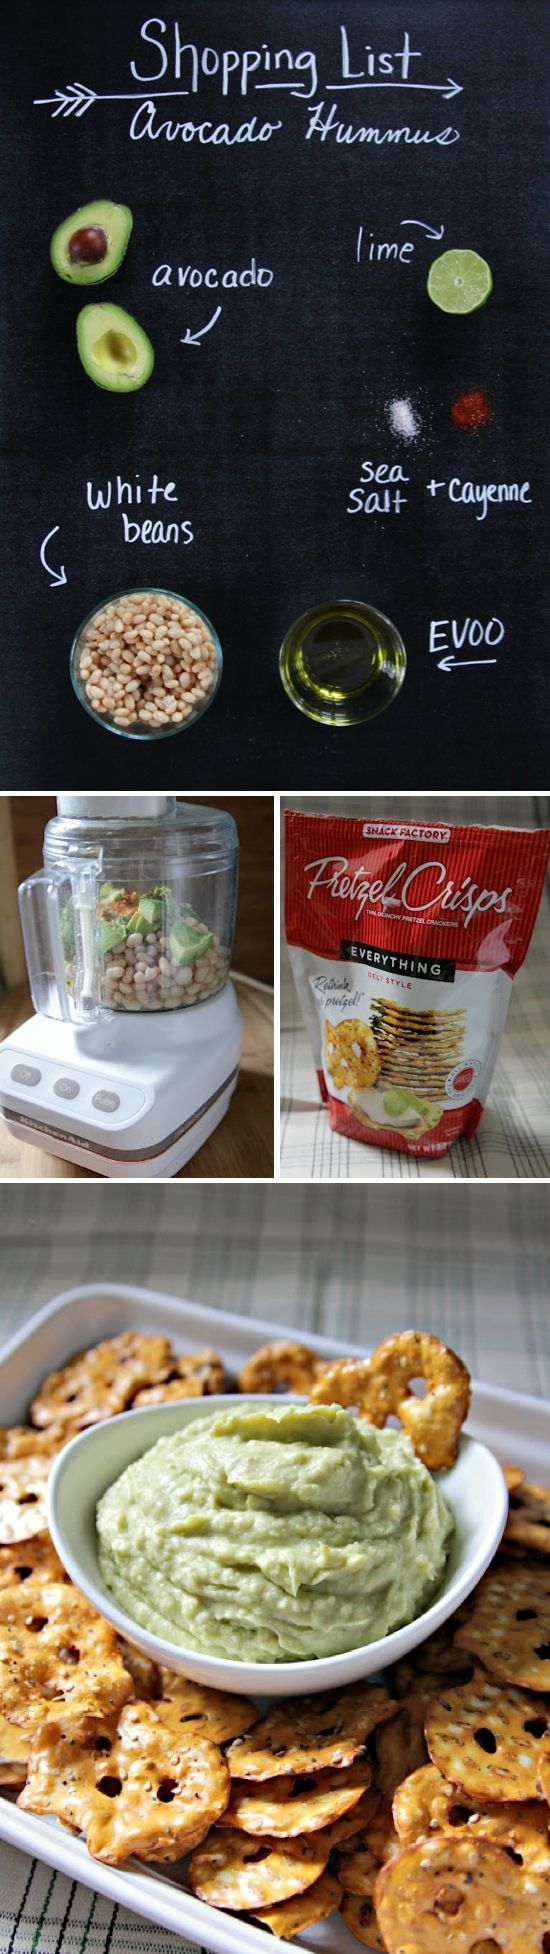 Avocado Hummus -- Sounds like a dream!!